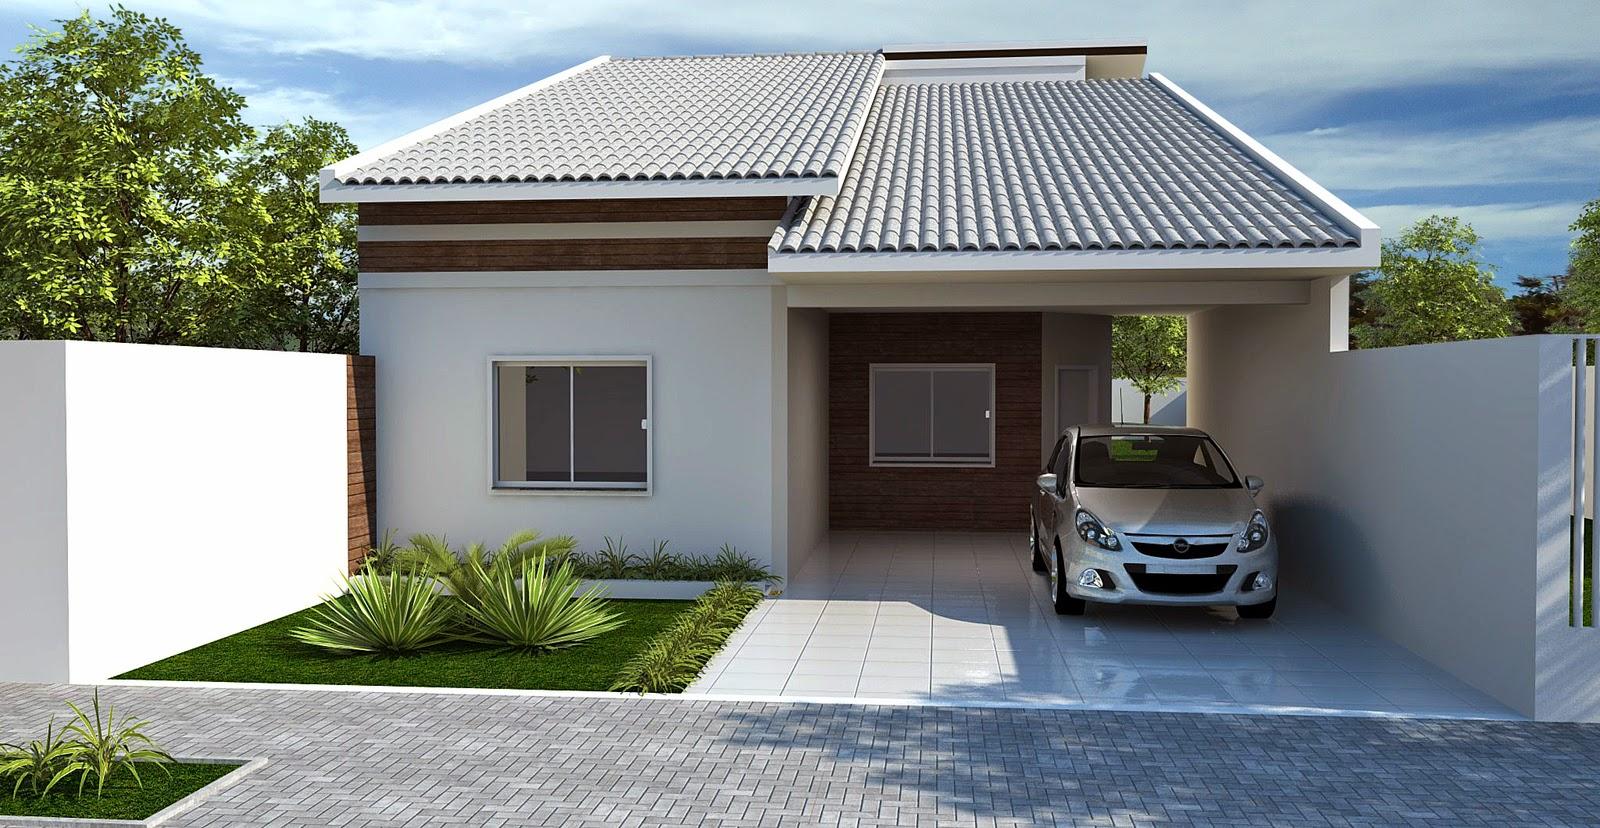 modelo-de-fachadas-de-casas-com-telhado